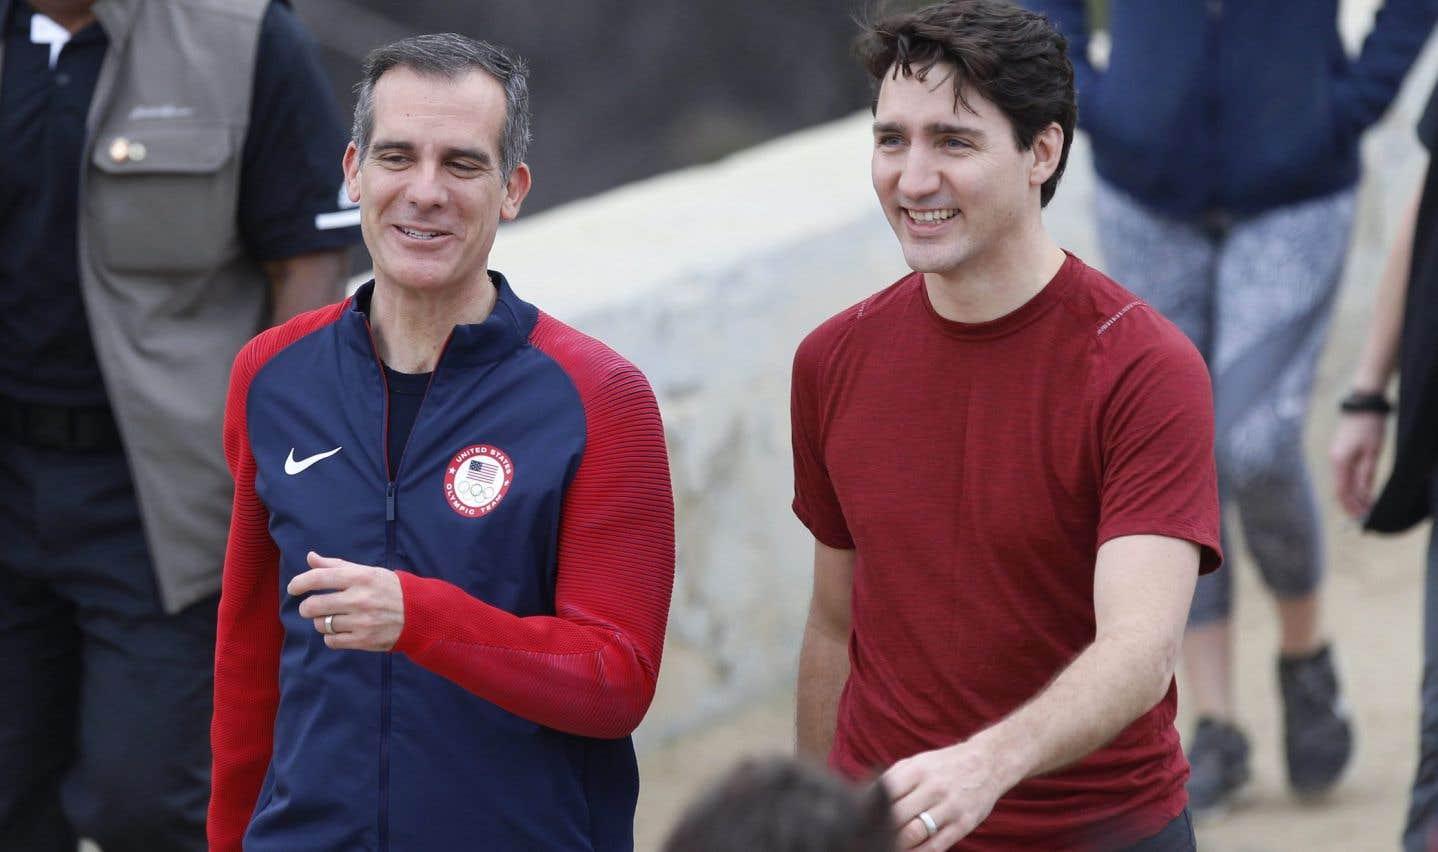 Le premier ministre Justin Trudeau, à droite, avec le maire de Los Angeles, Eric Garcetti, après une randonnée dans les collines entourant l'Observatoire Griffith, samedi 10 février 2018.